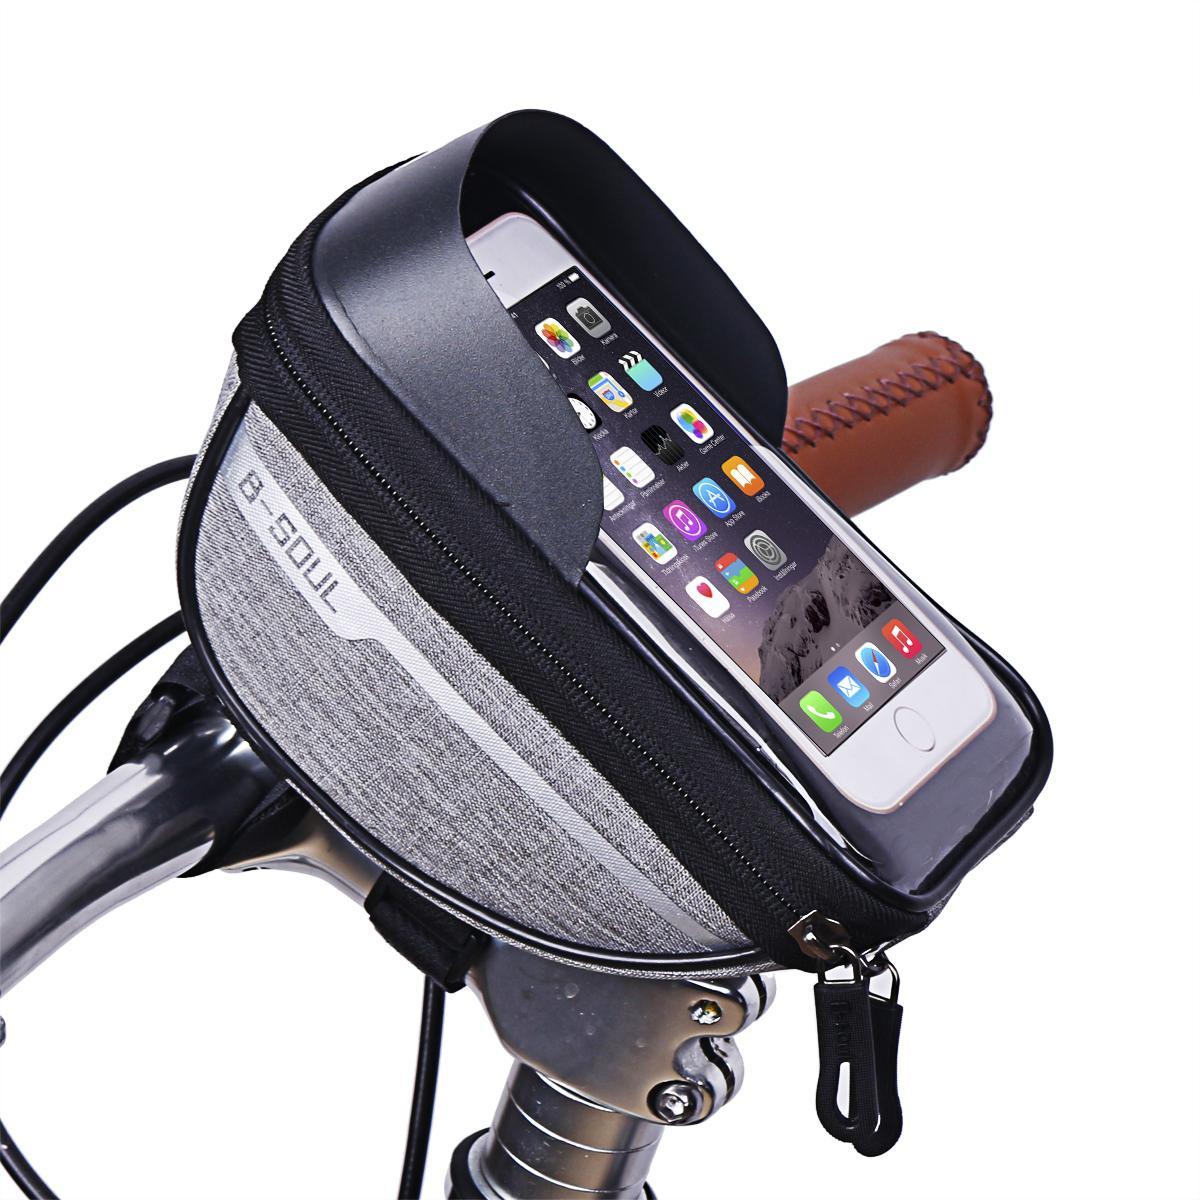 Vendita all'ingrosso-bicicletta bicicletta bici testa tubo manubrio cellulare cellulare sacchetto del cellulare cassa del supporto schermo del supporto del telefono del telefono dei sacchi per 6.5in